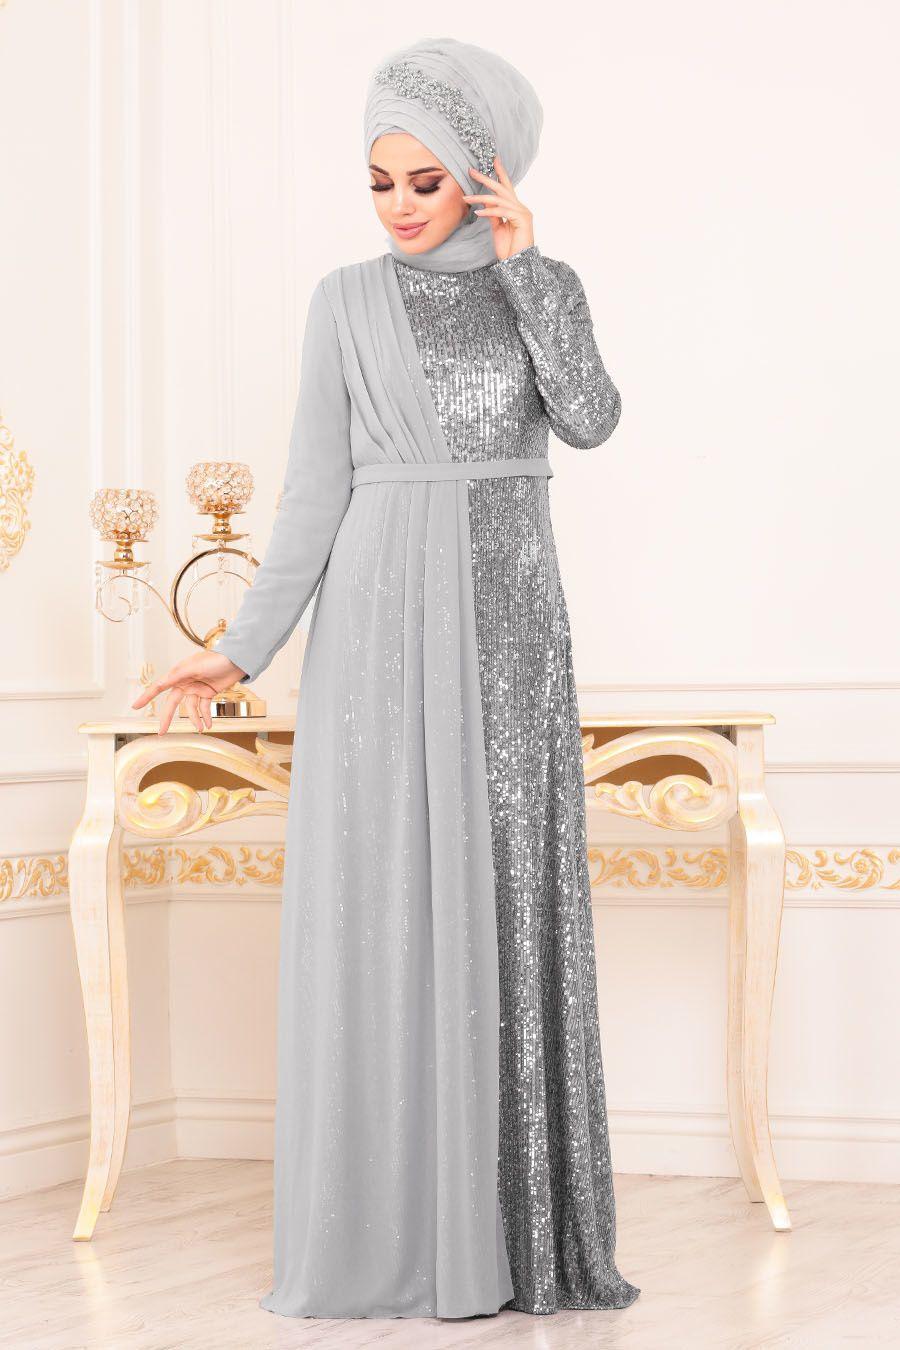 Tesetturlu Abiye Elbise Pul Payetli Gri Tesetturlu Abiye Elbise 85591gr Tesetturisland Com Moda Stilleri Elbise Elbiseler